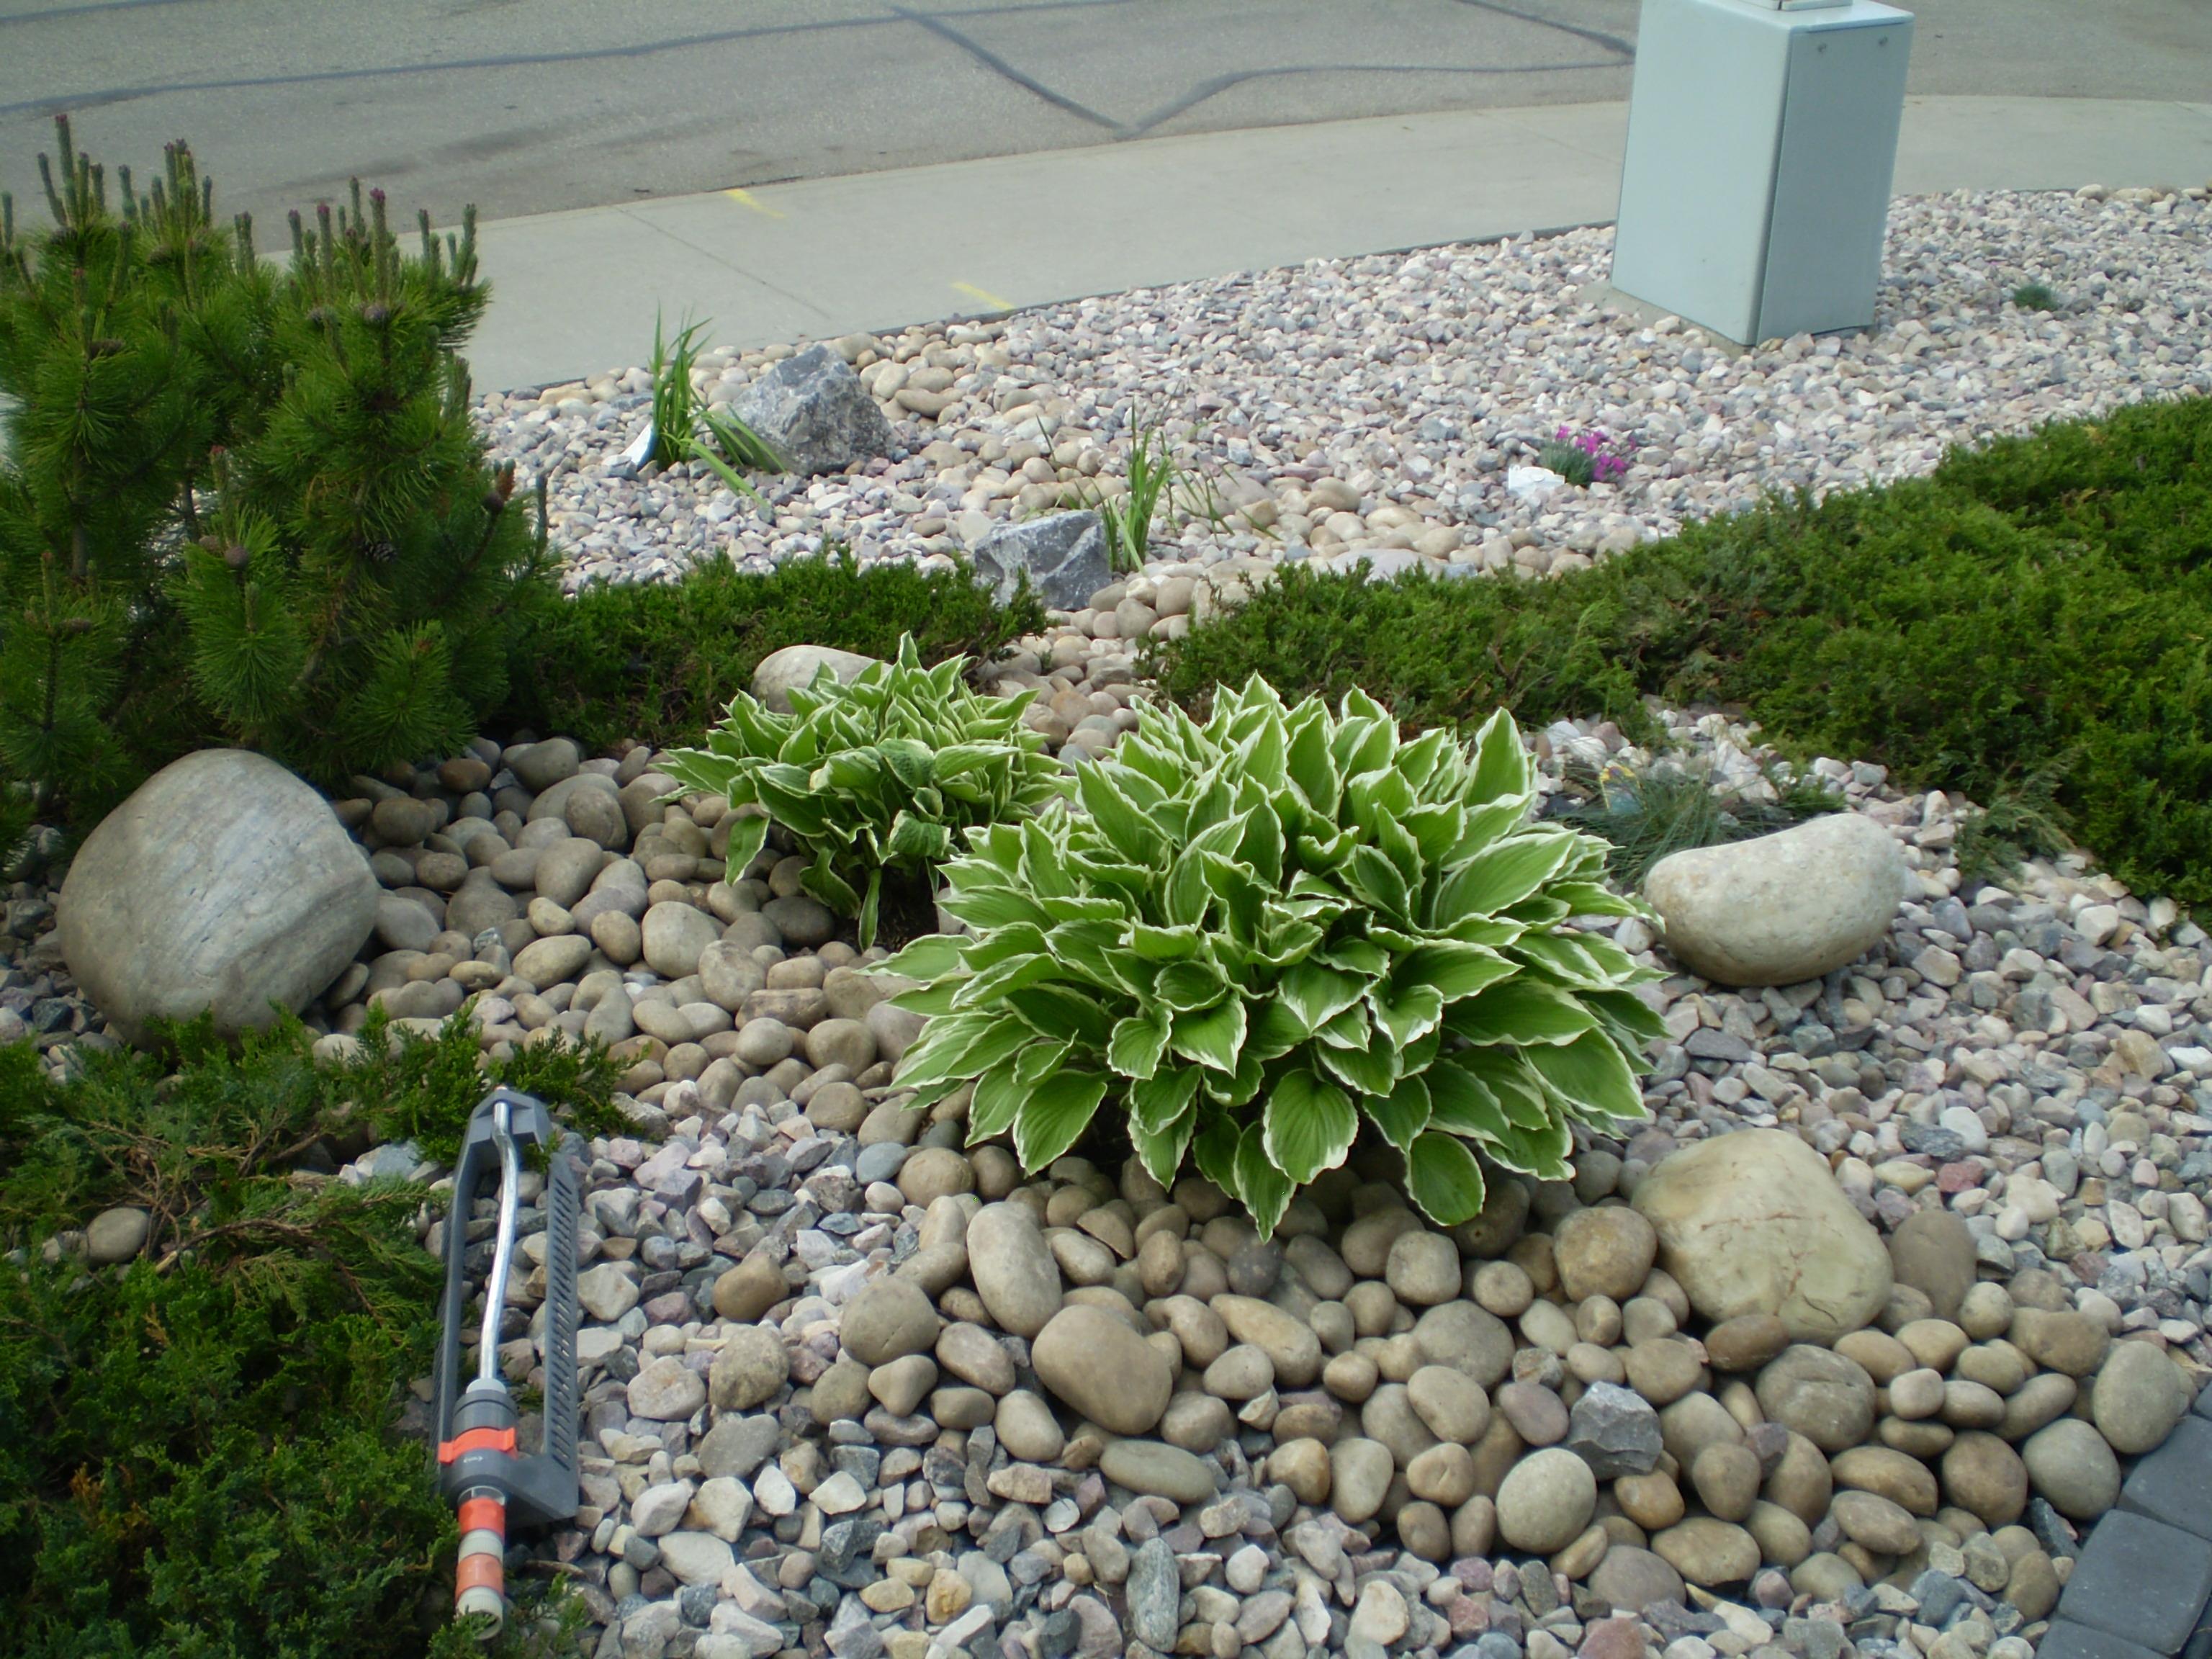 Design Plan: Landscape design basics principles